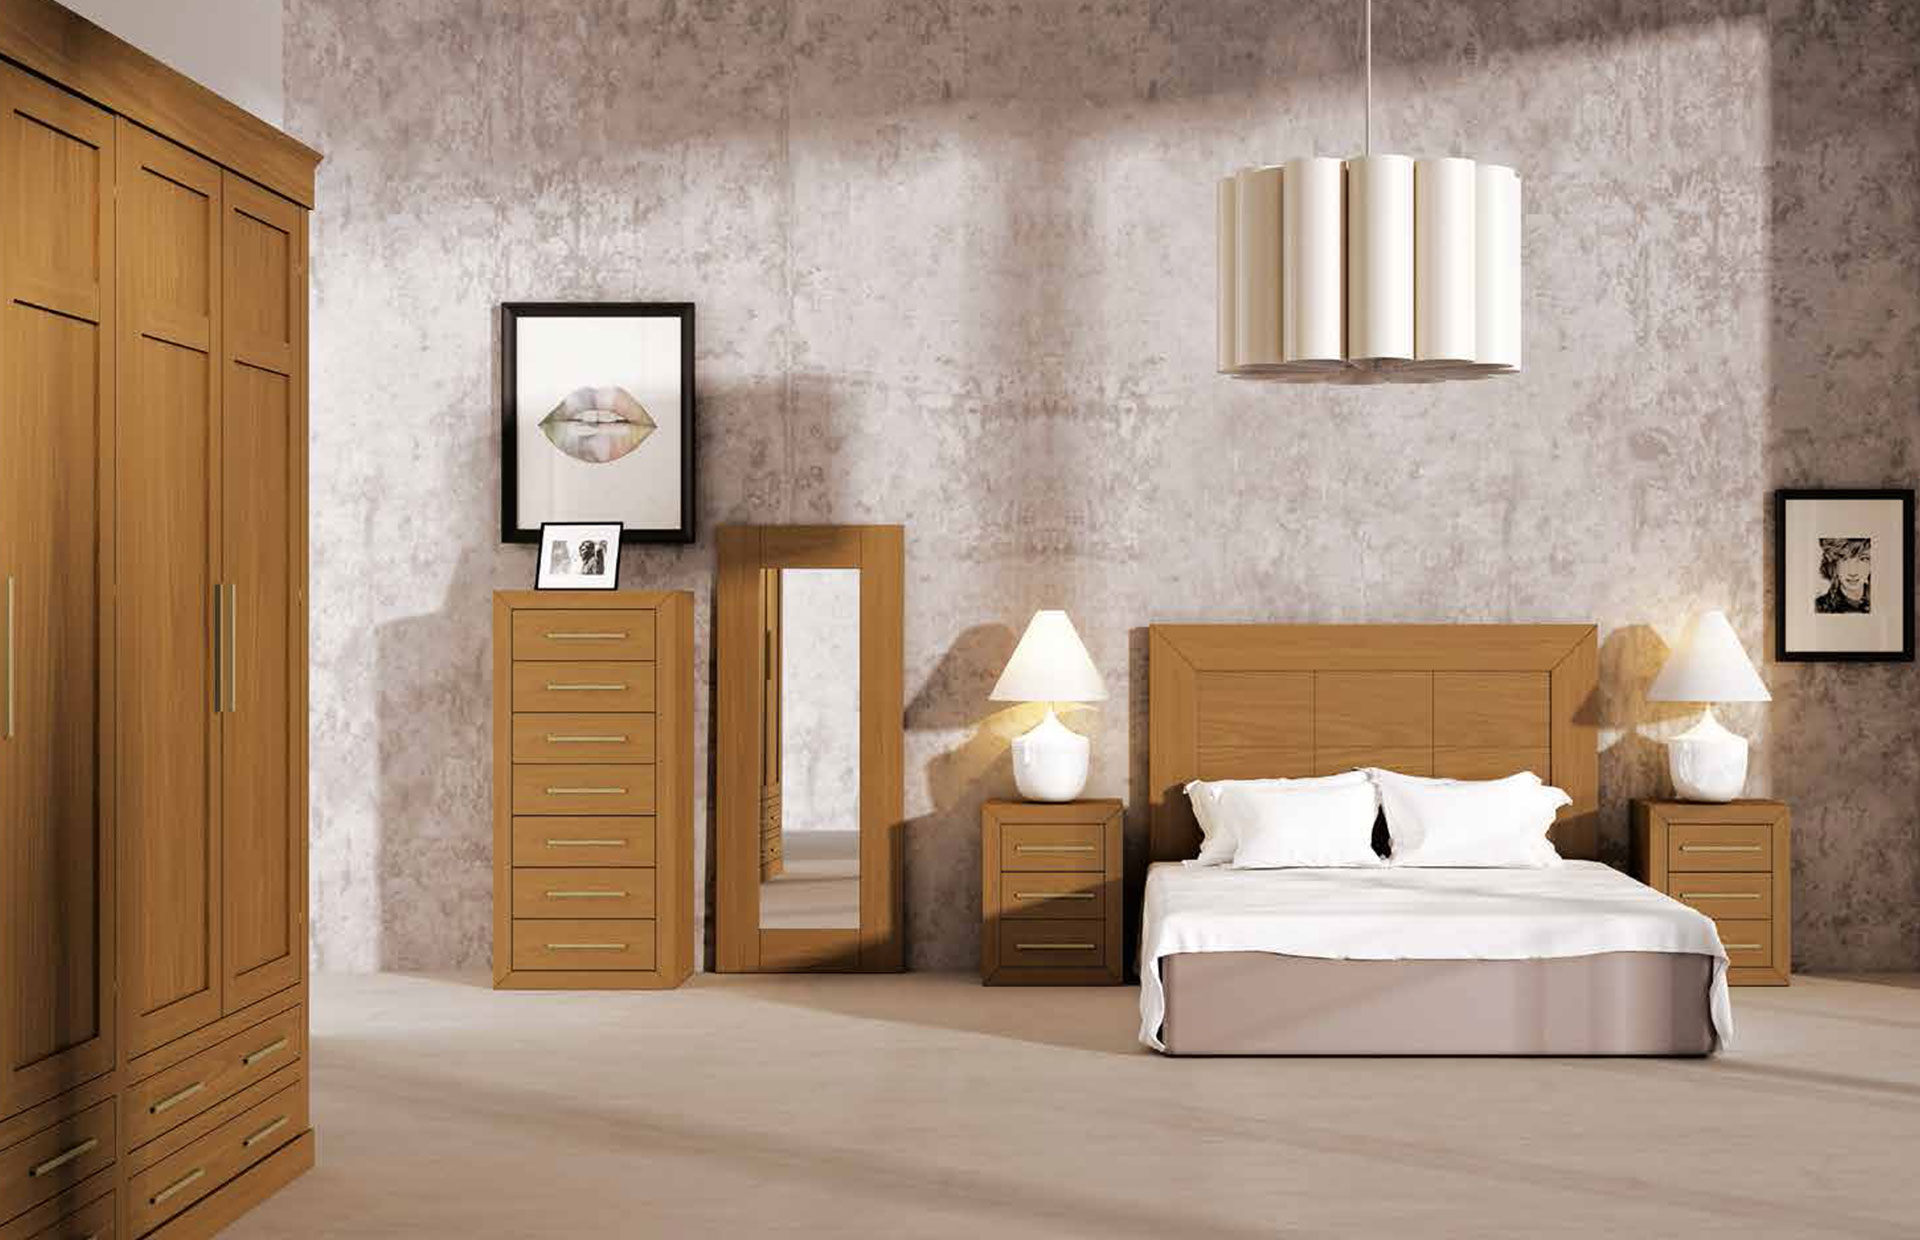 muebles sencillos de dormitorio